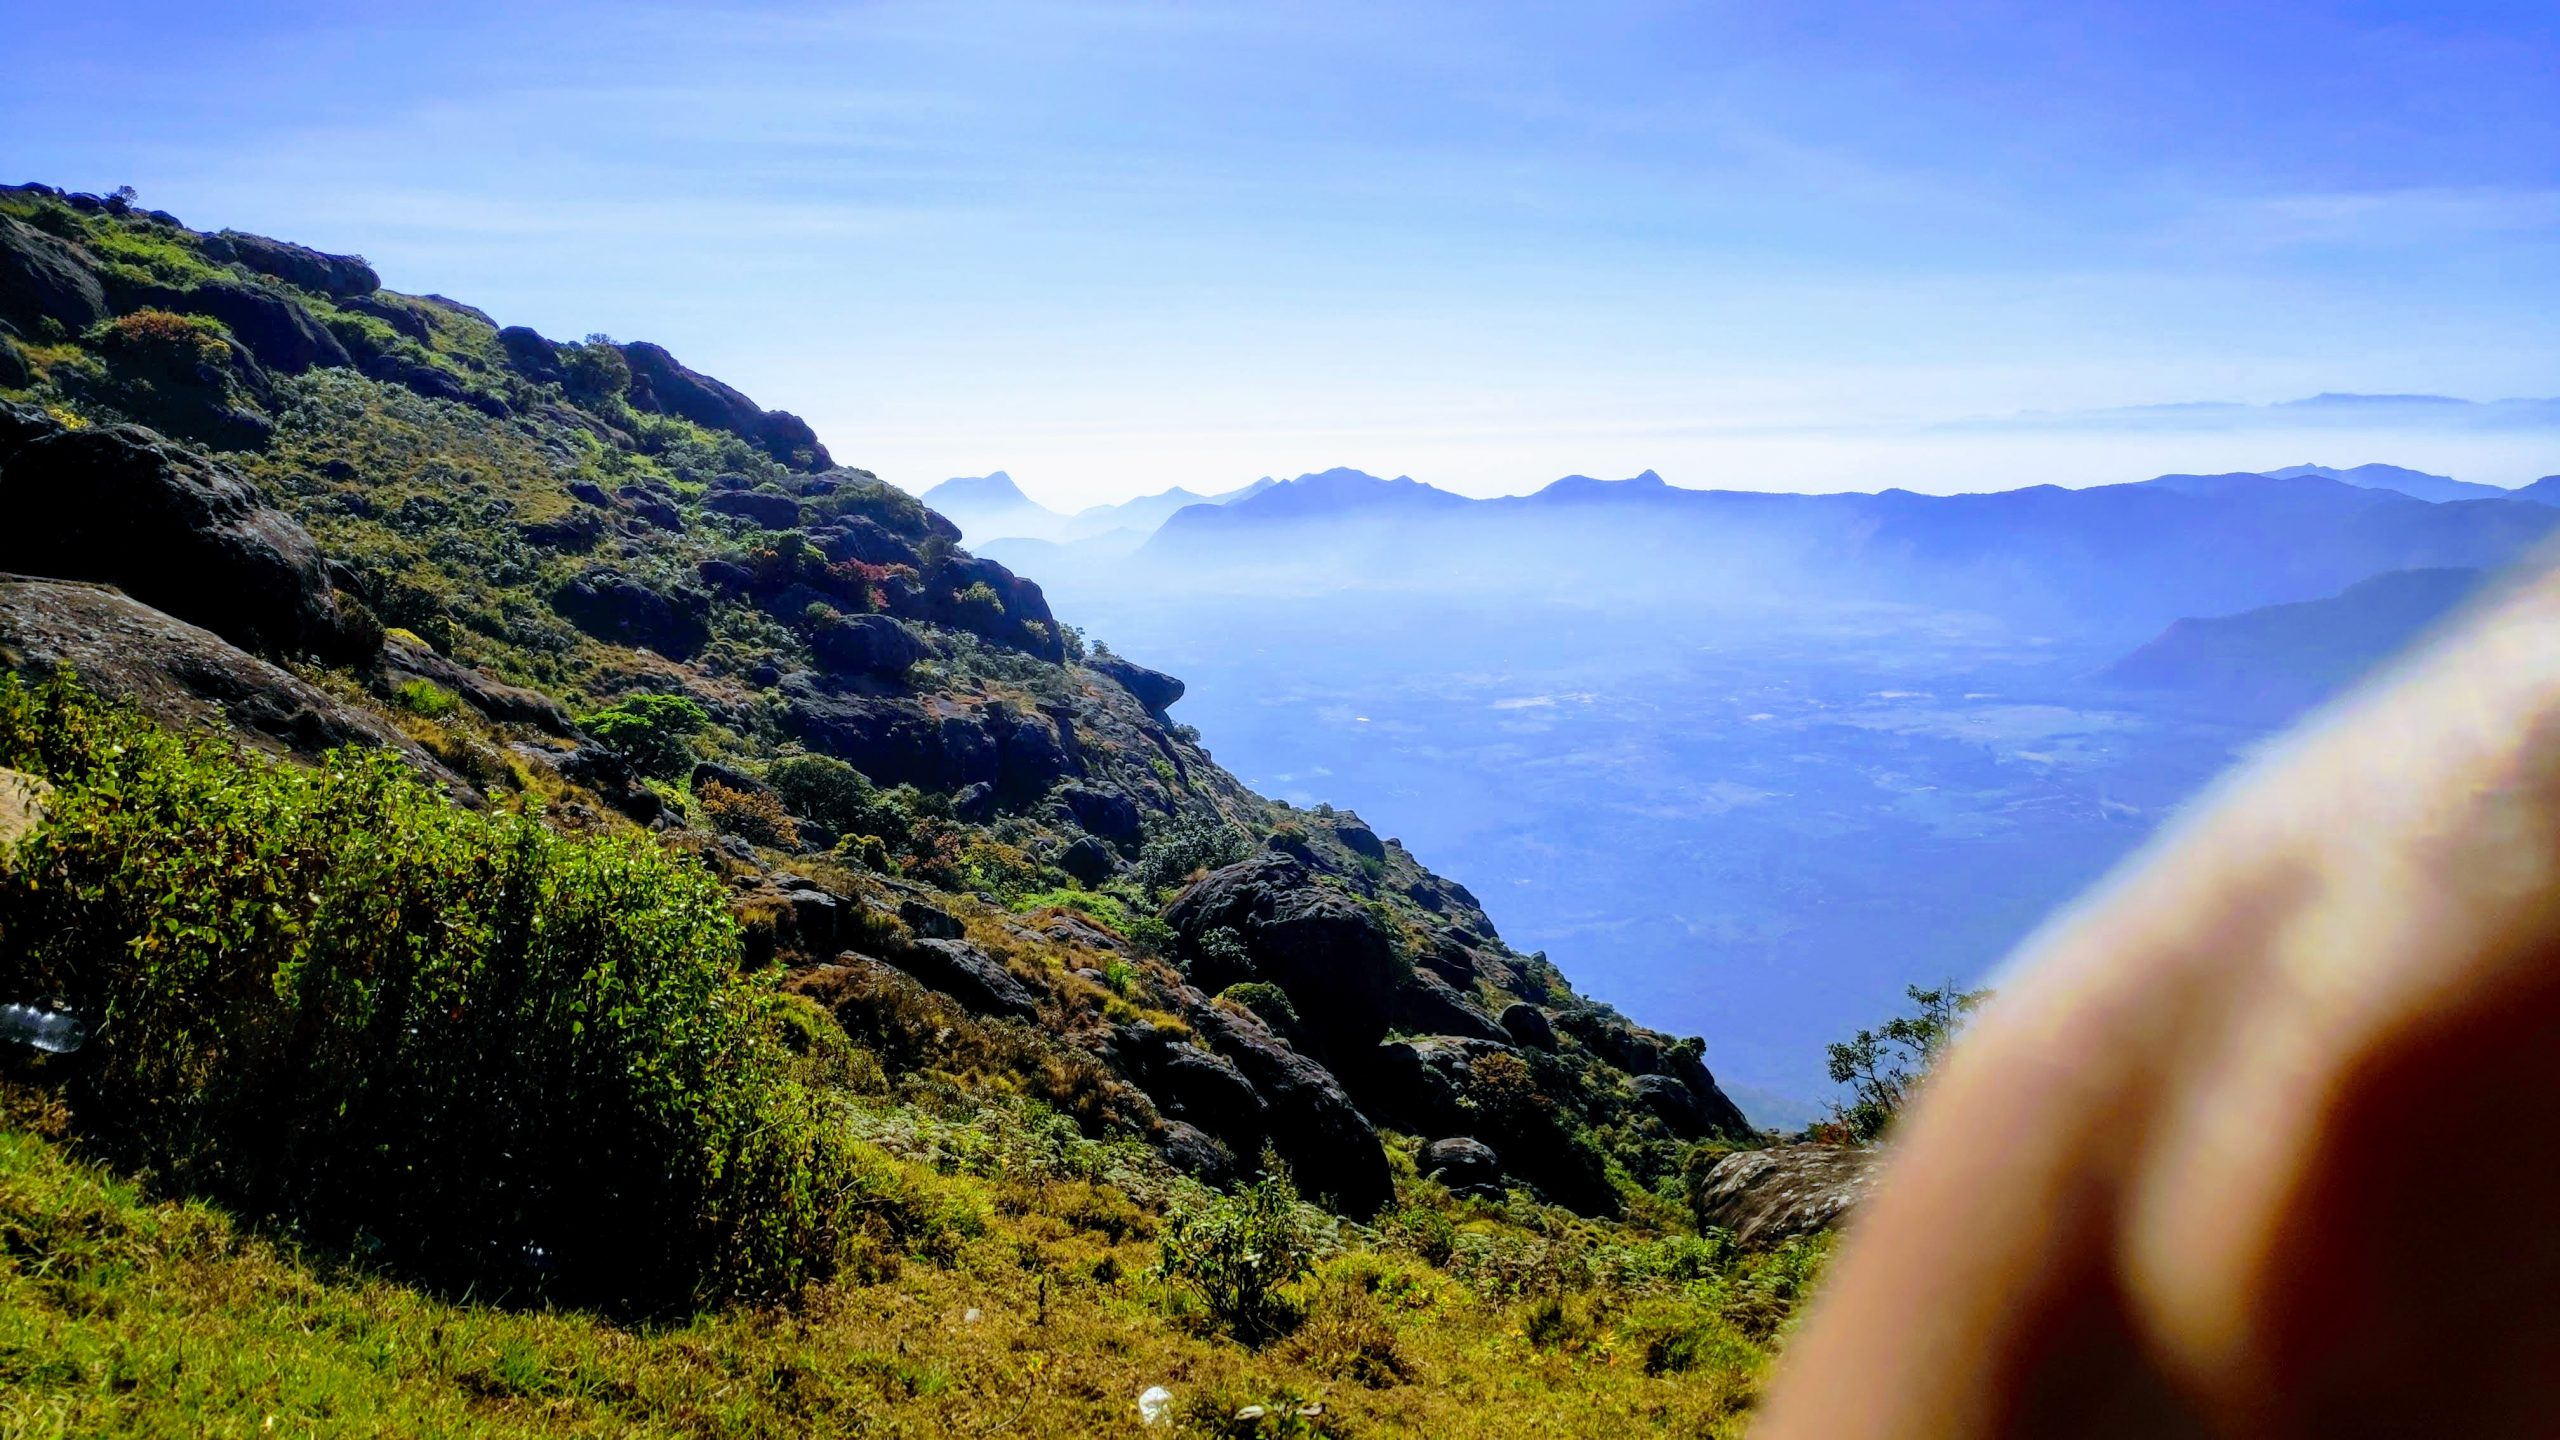 Top of a mountain